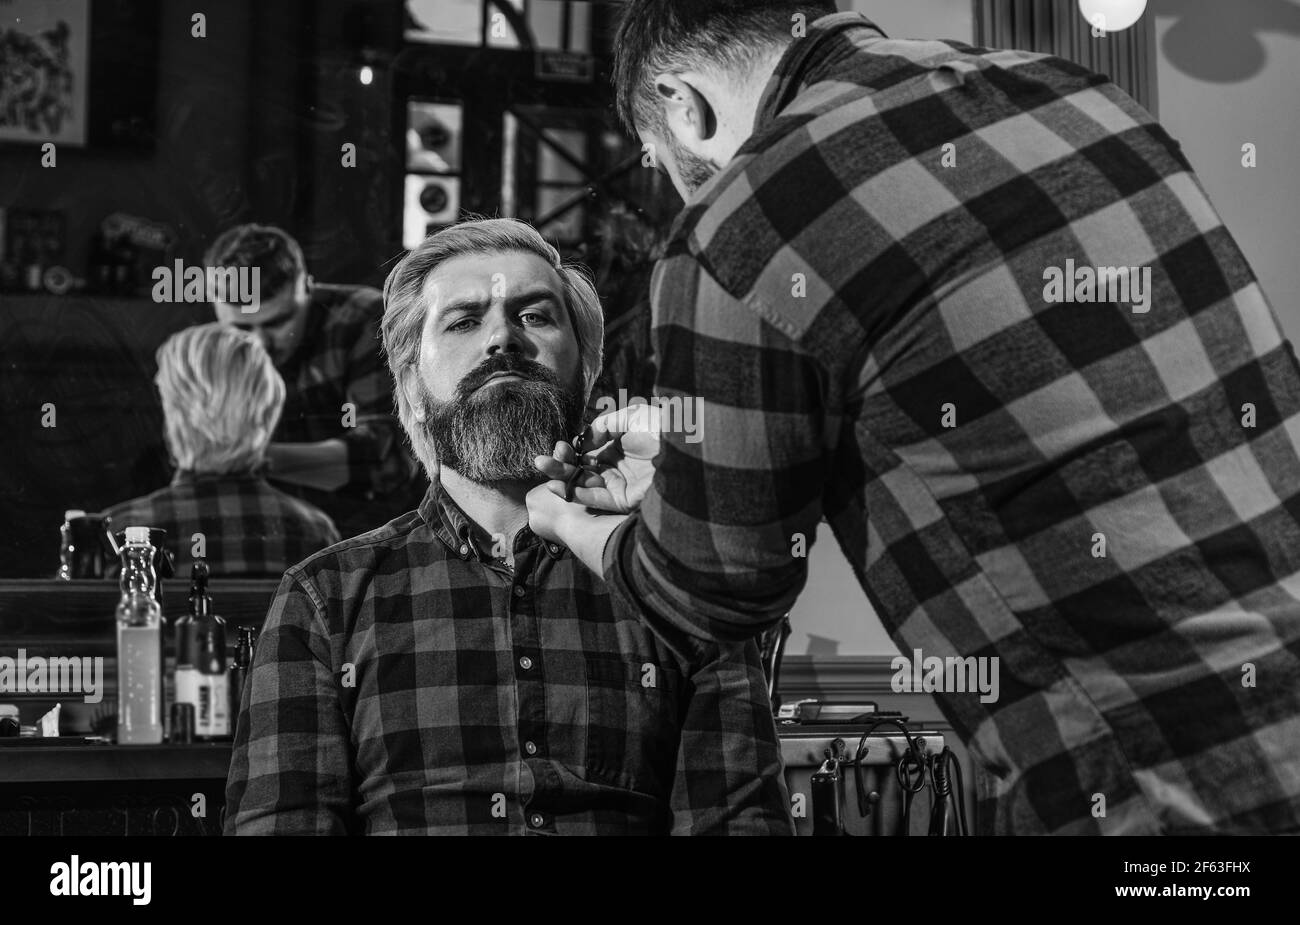 Retrato de masculinidad. Maestro barber hace el peinado y peinado con secador. Barbería. Joven hombre de cintura baja con barba cortando el pelo en un Foto de stock